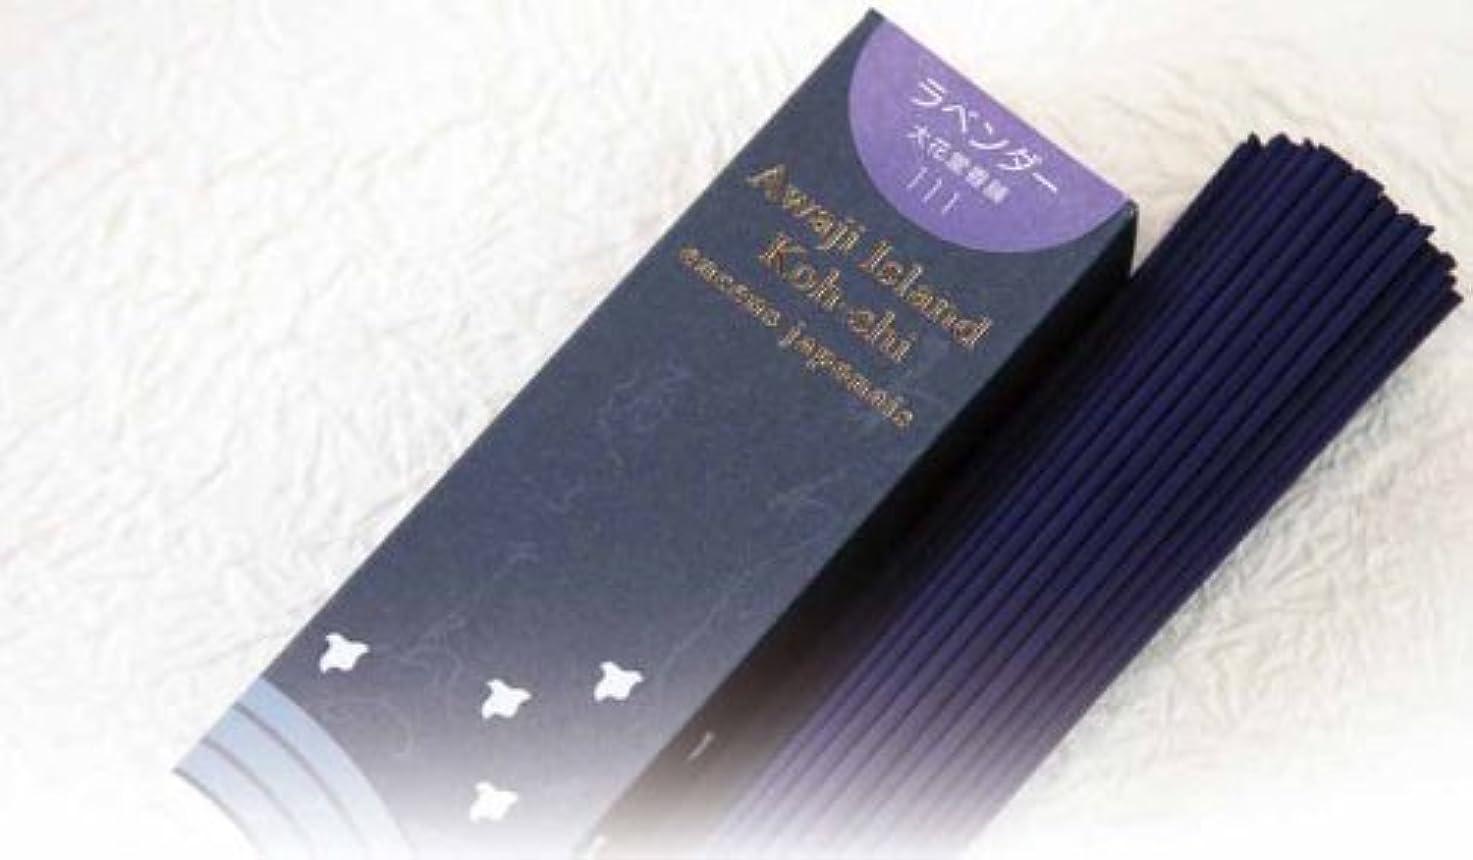 ロケットきらめき追加する「あわじ島の香司」 日本の香りシリーズ 【111】 ●ラベンダー●